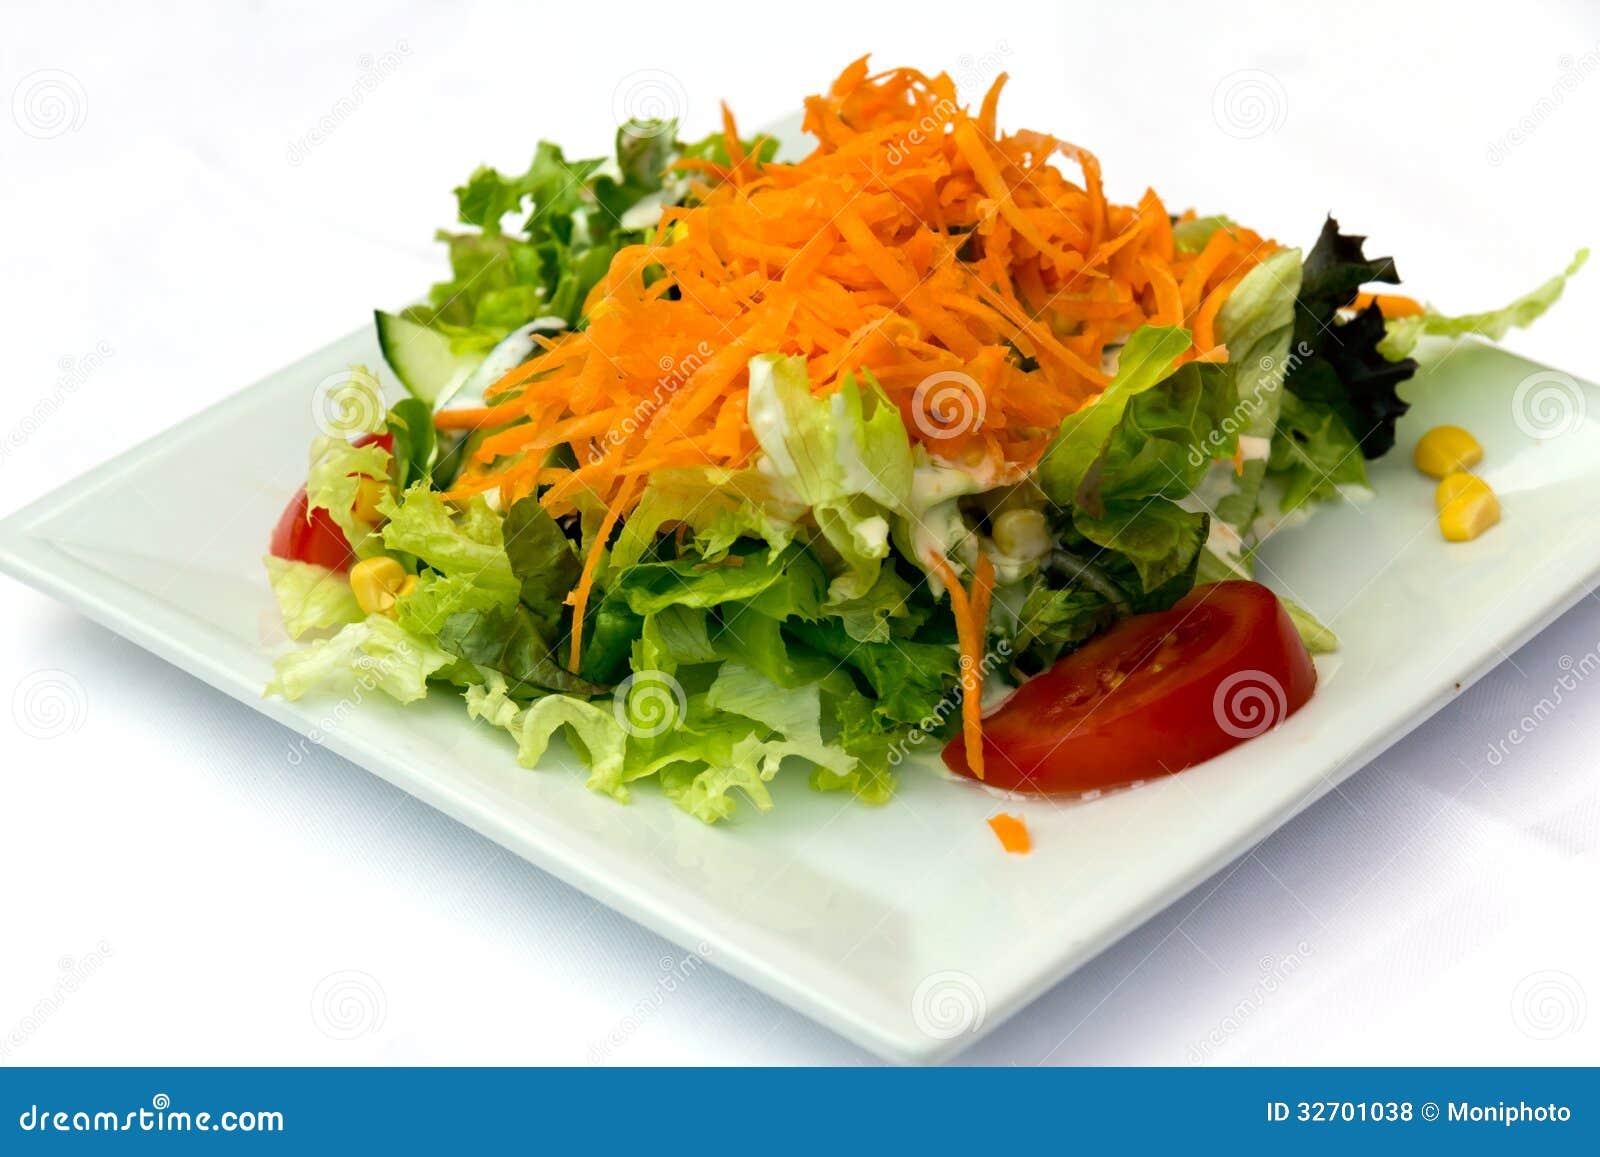 zanahoria lechuga: